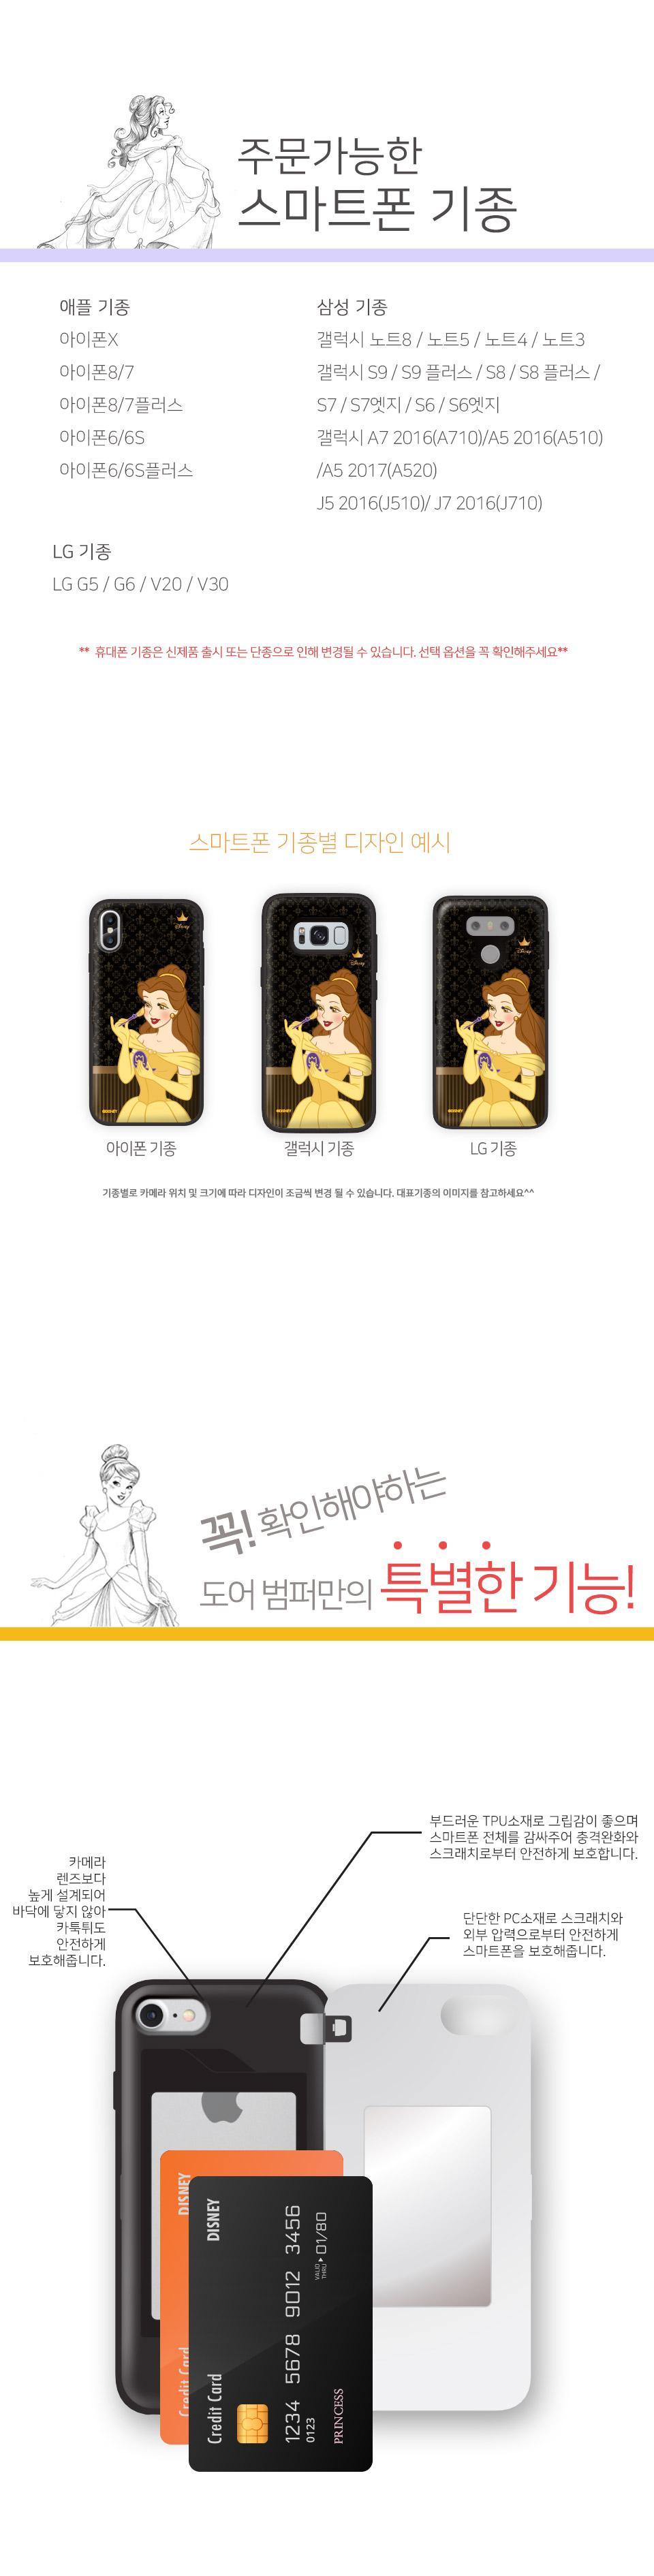 디즈니 프린세스 메이크업 슬림 더블 카드 케이스 디즈니 정품 - 스토리너스, 20,500원, 케이스, 아이폰X